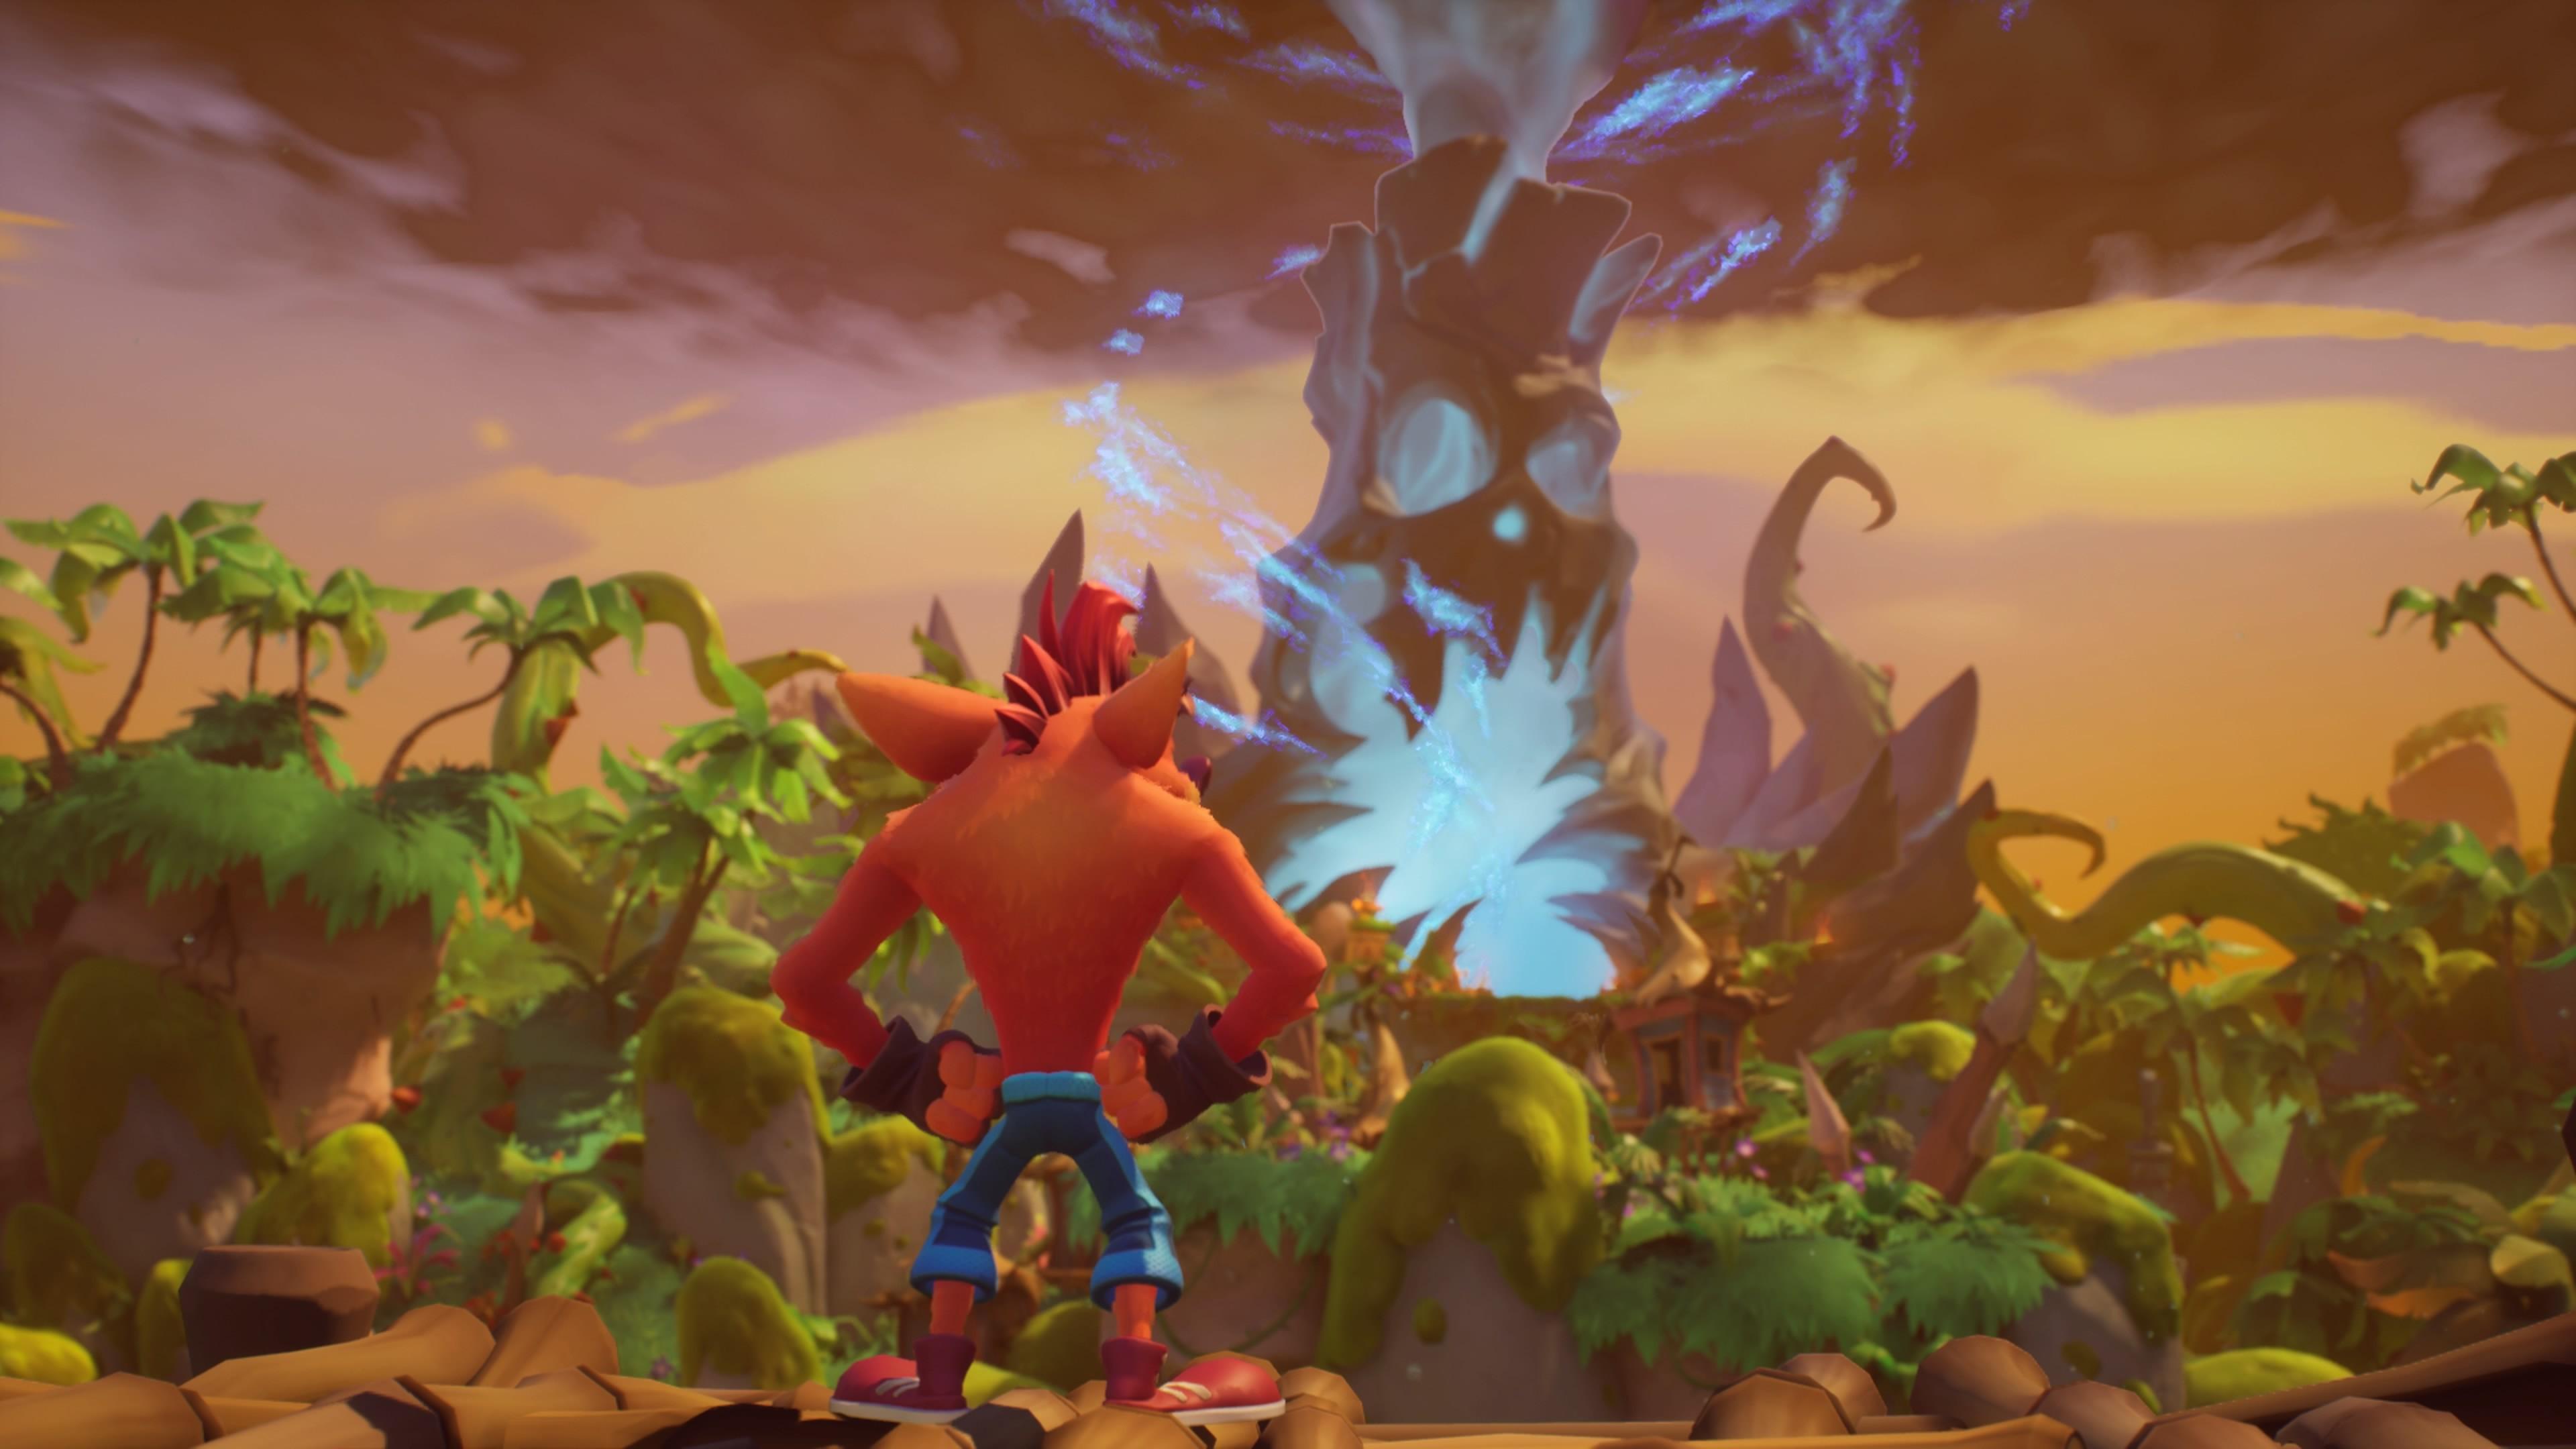 Обзор: Crash Bandicoot 4: It's About Time - Новые миры, новые горизонты 27